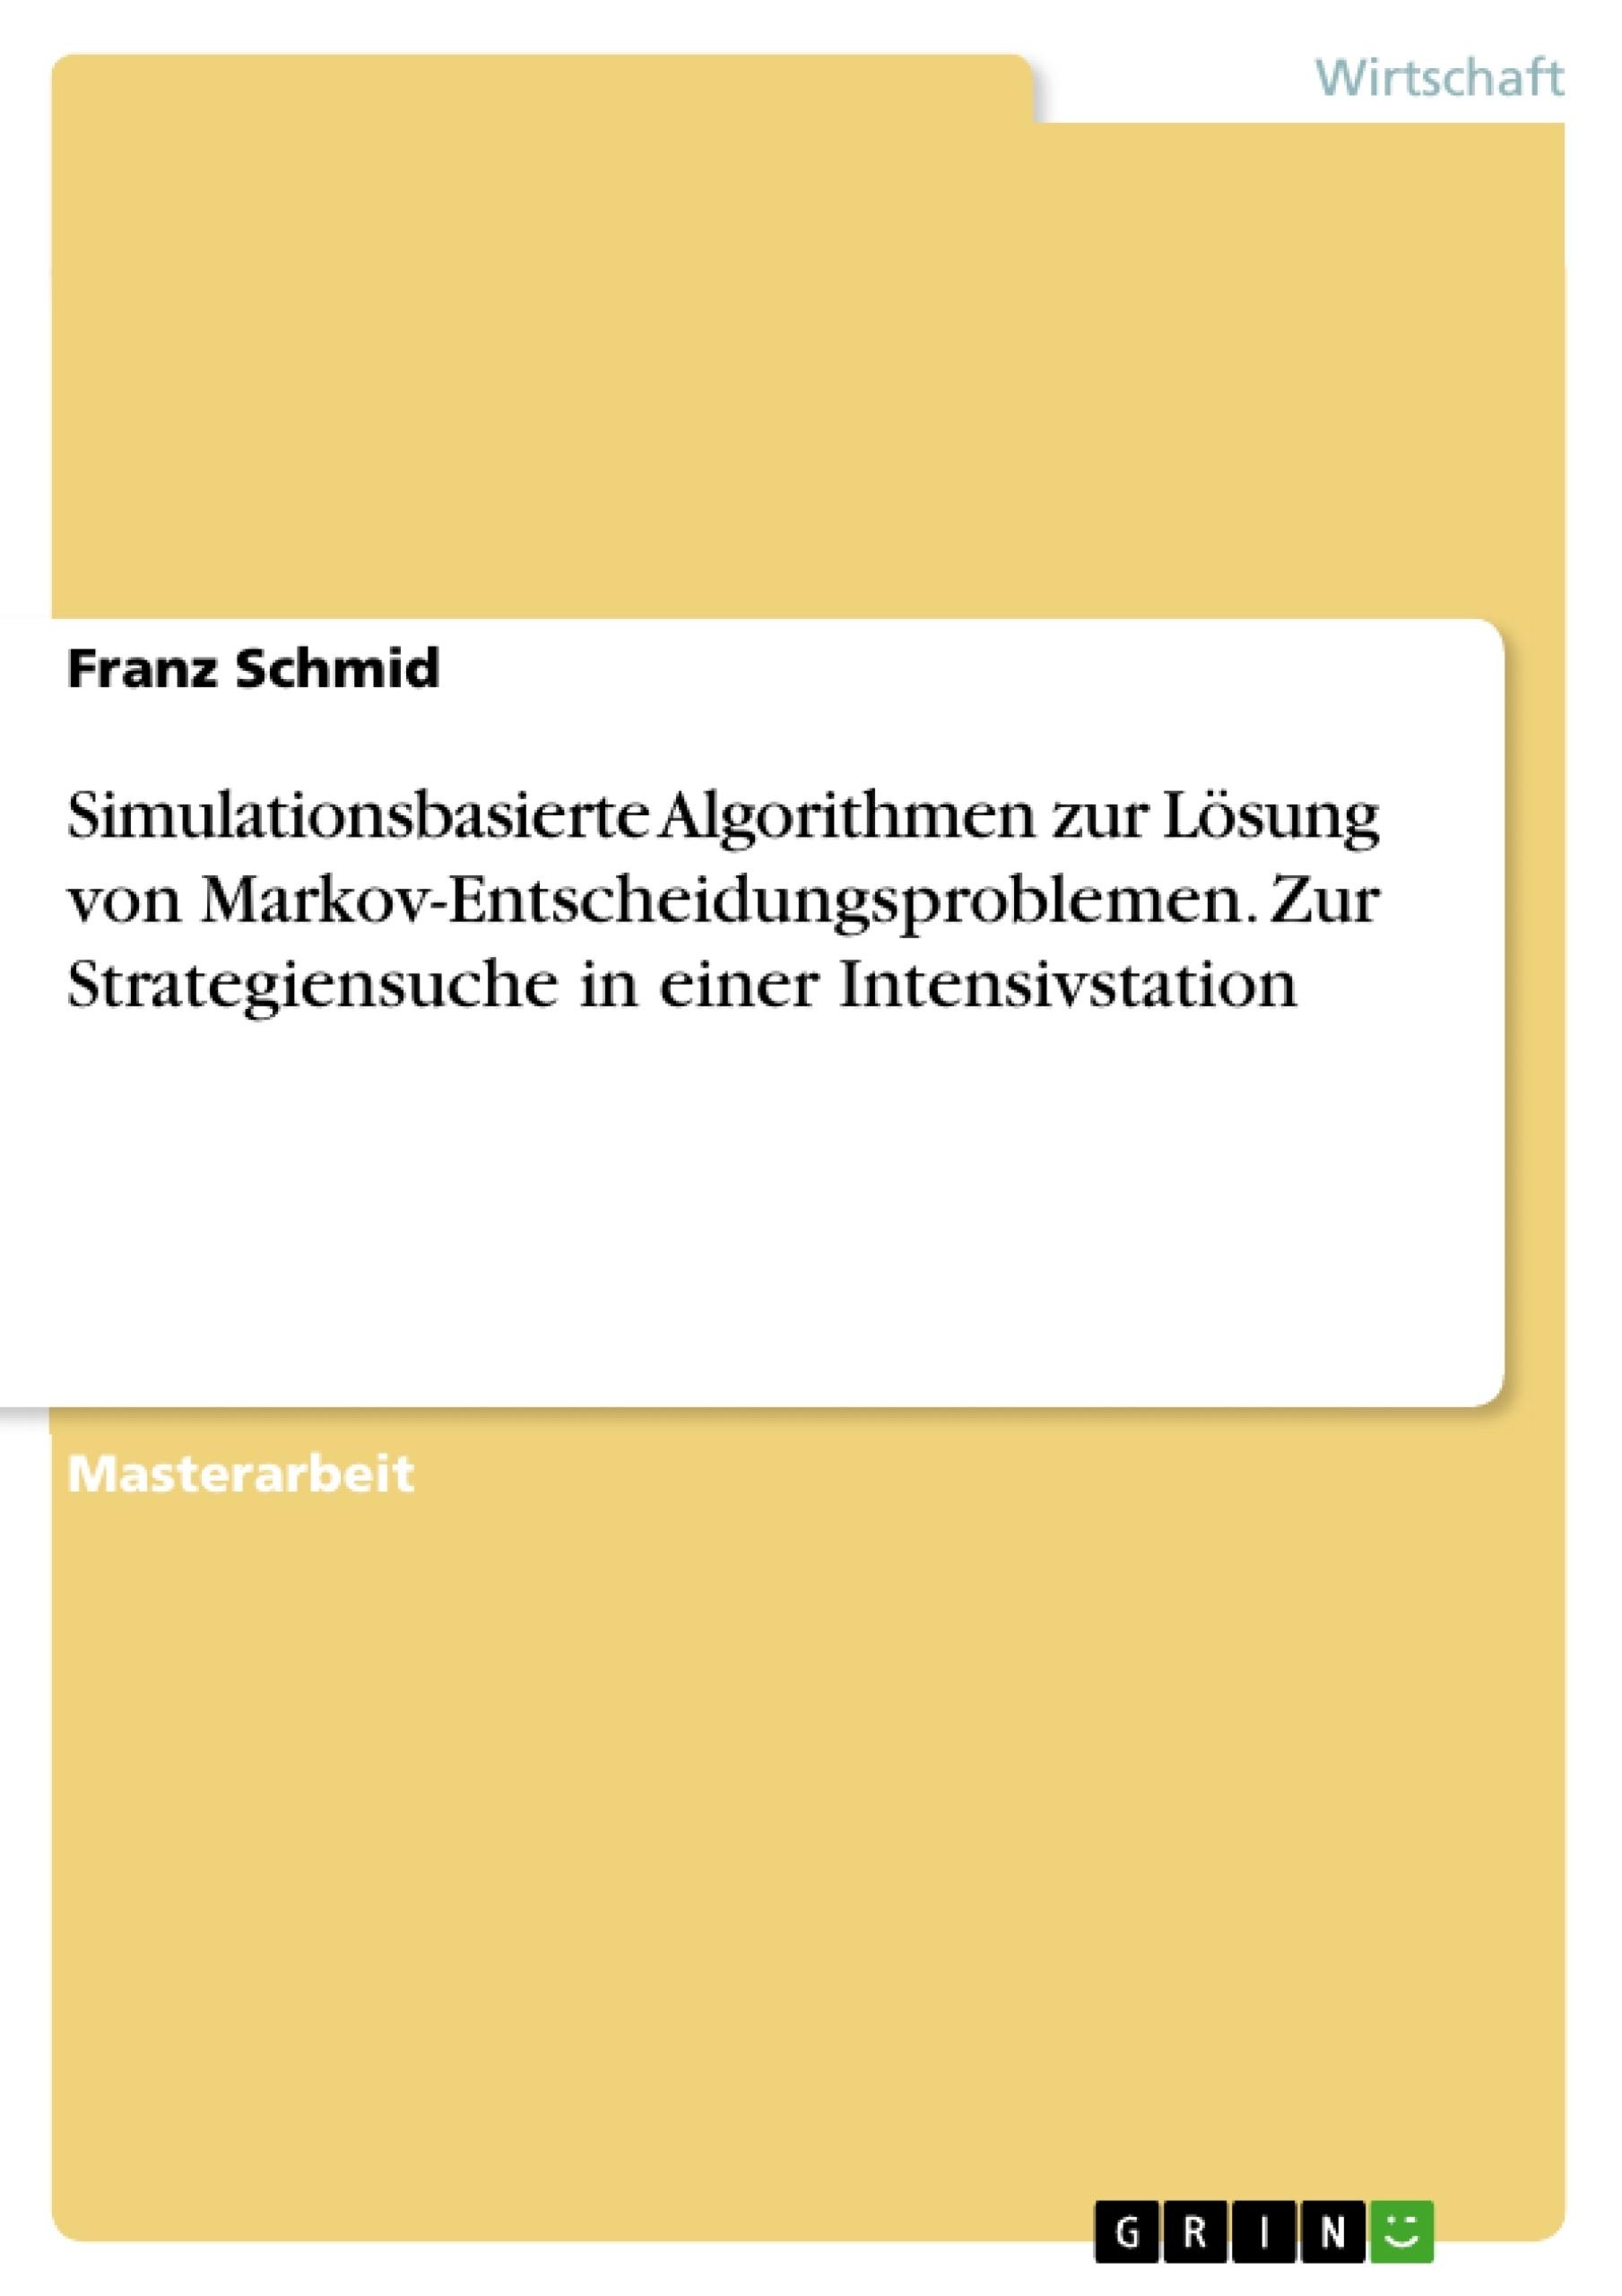 Titel: Simulationsbasierte Algorithmen zur Lösung von Markov-Entscheidungsproblemen. Zur Strategiensuche in einer Intensivstation